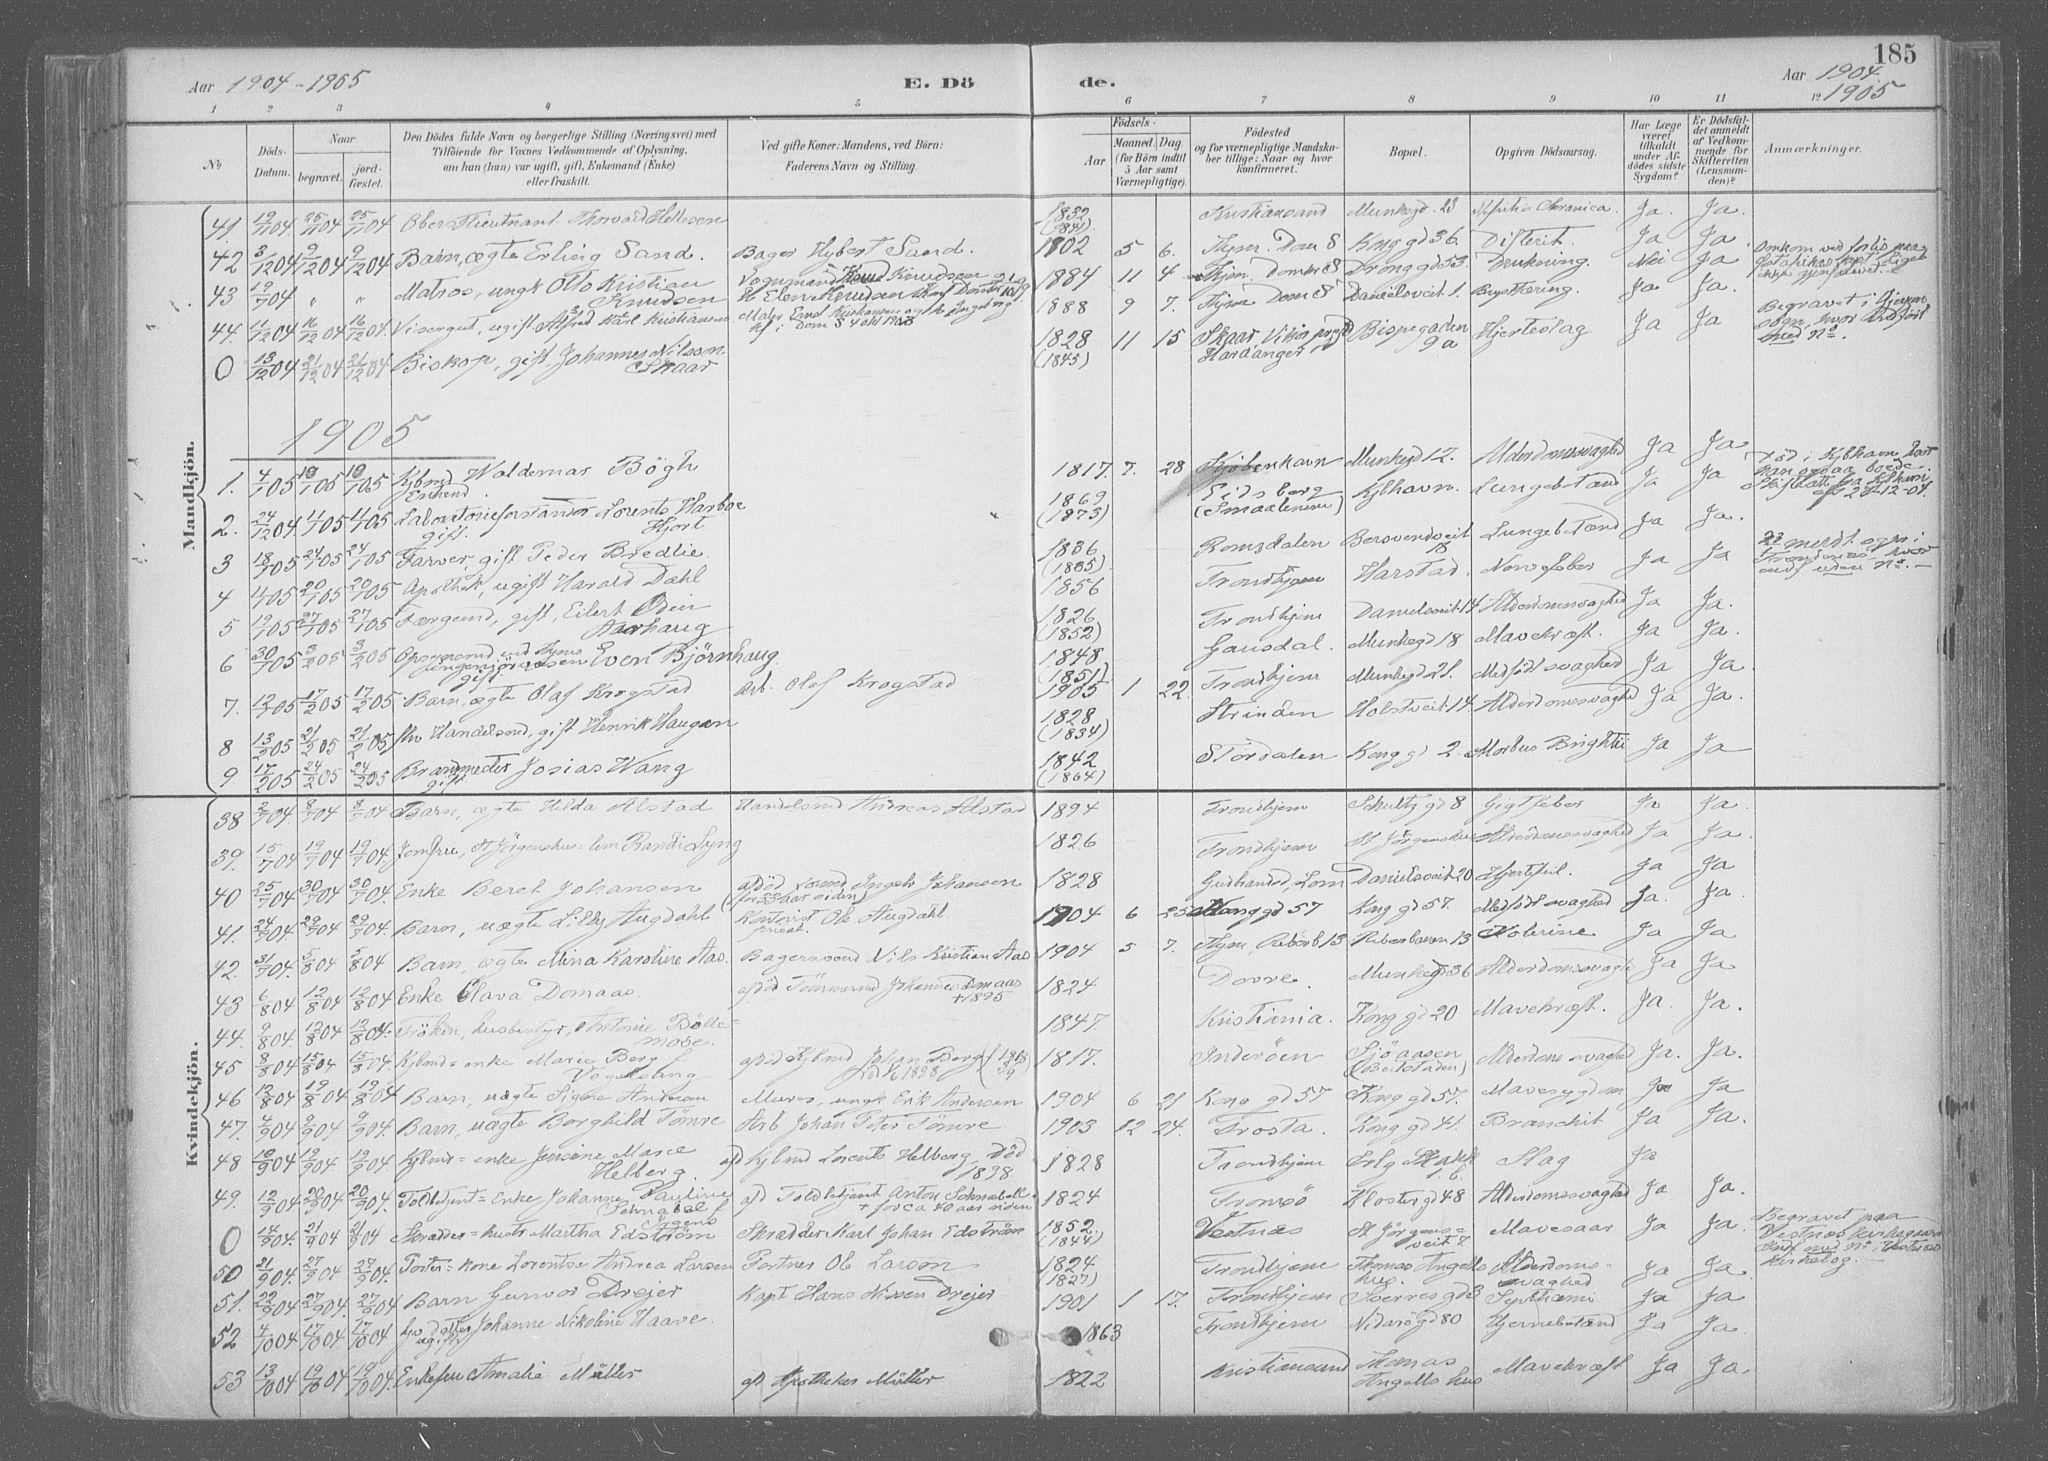 SAT, Ministerialprotokoller, klokkerbøker og fødselsregistre - Sør-Trøndelag, 601/L0064: Ministerialbok nr. 601A31, 1891-1911, s. 185